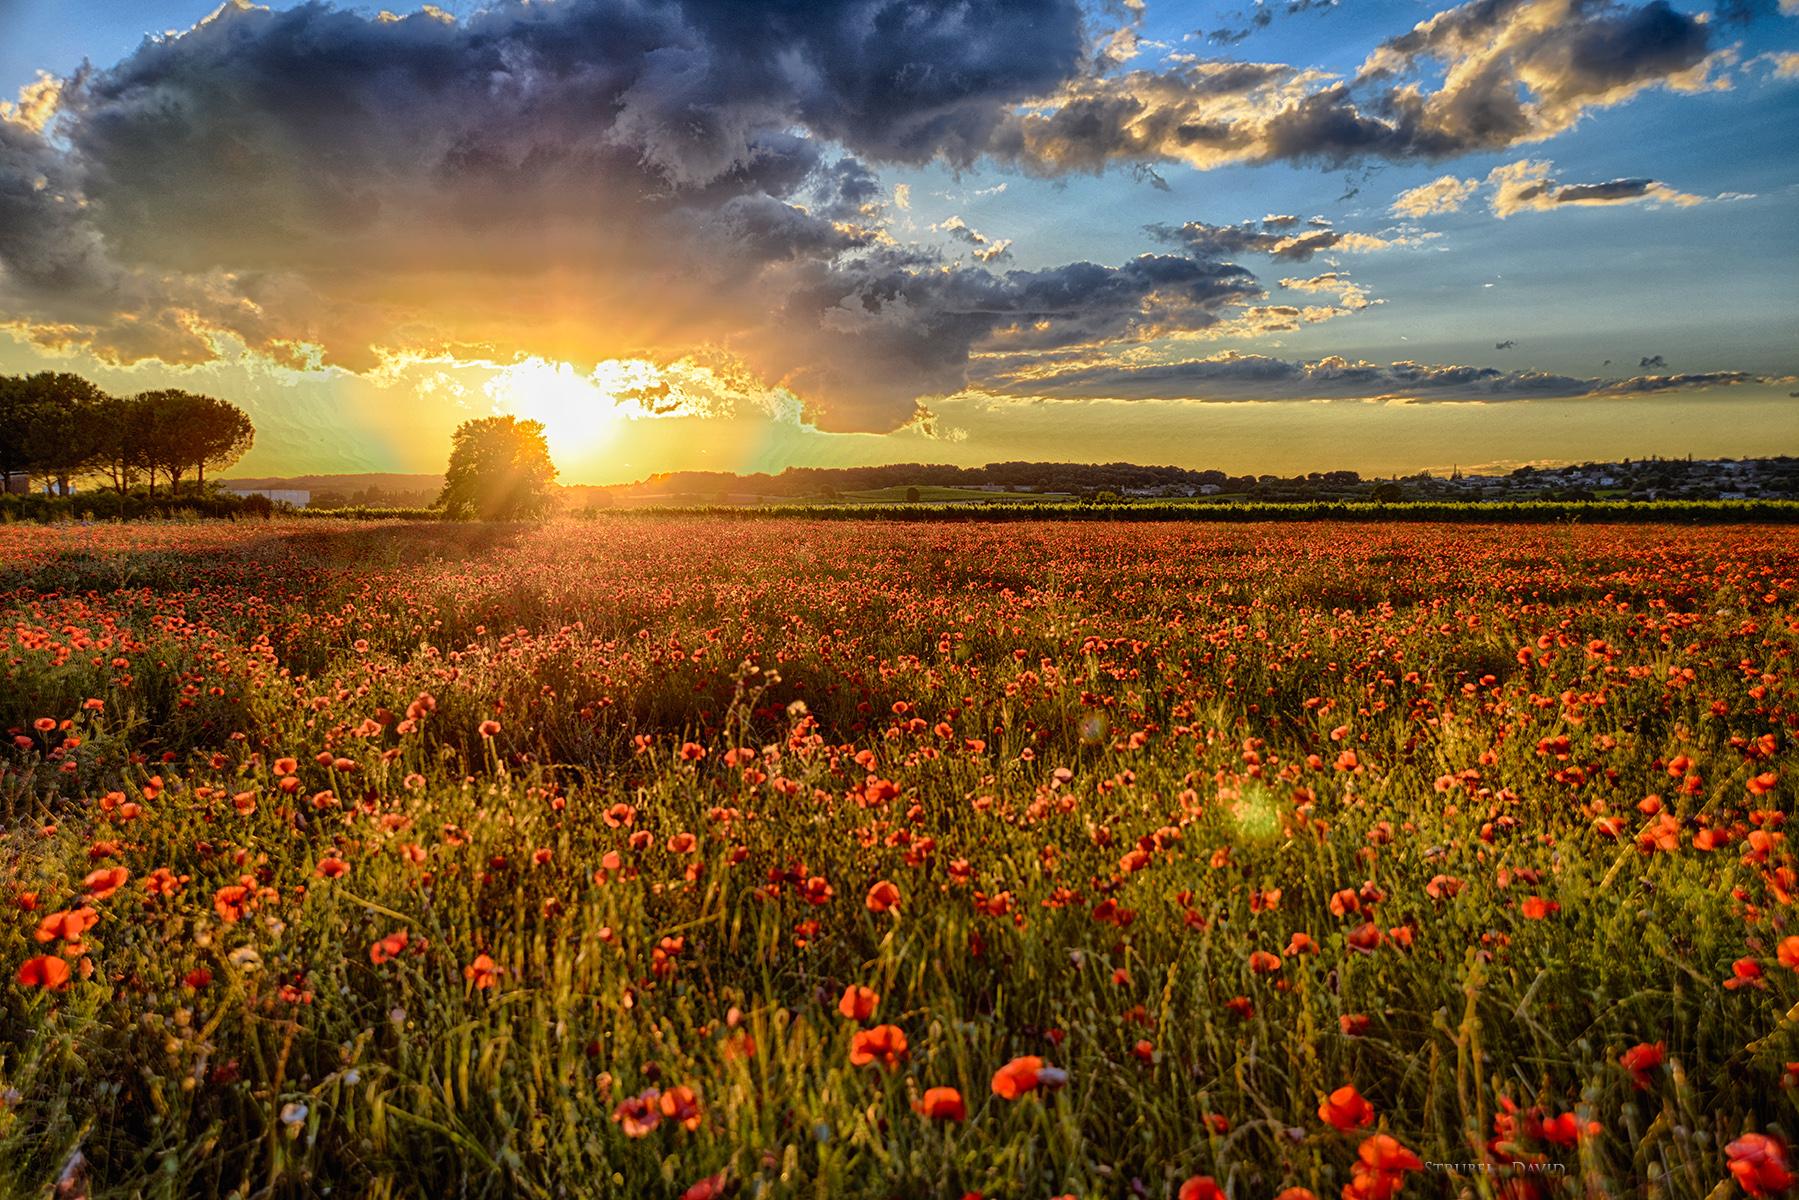 coucher de soleil dans les champs